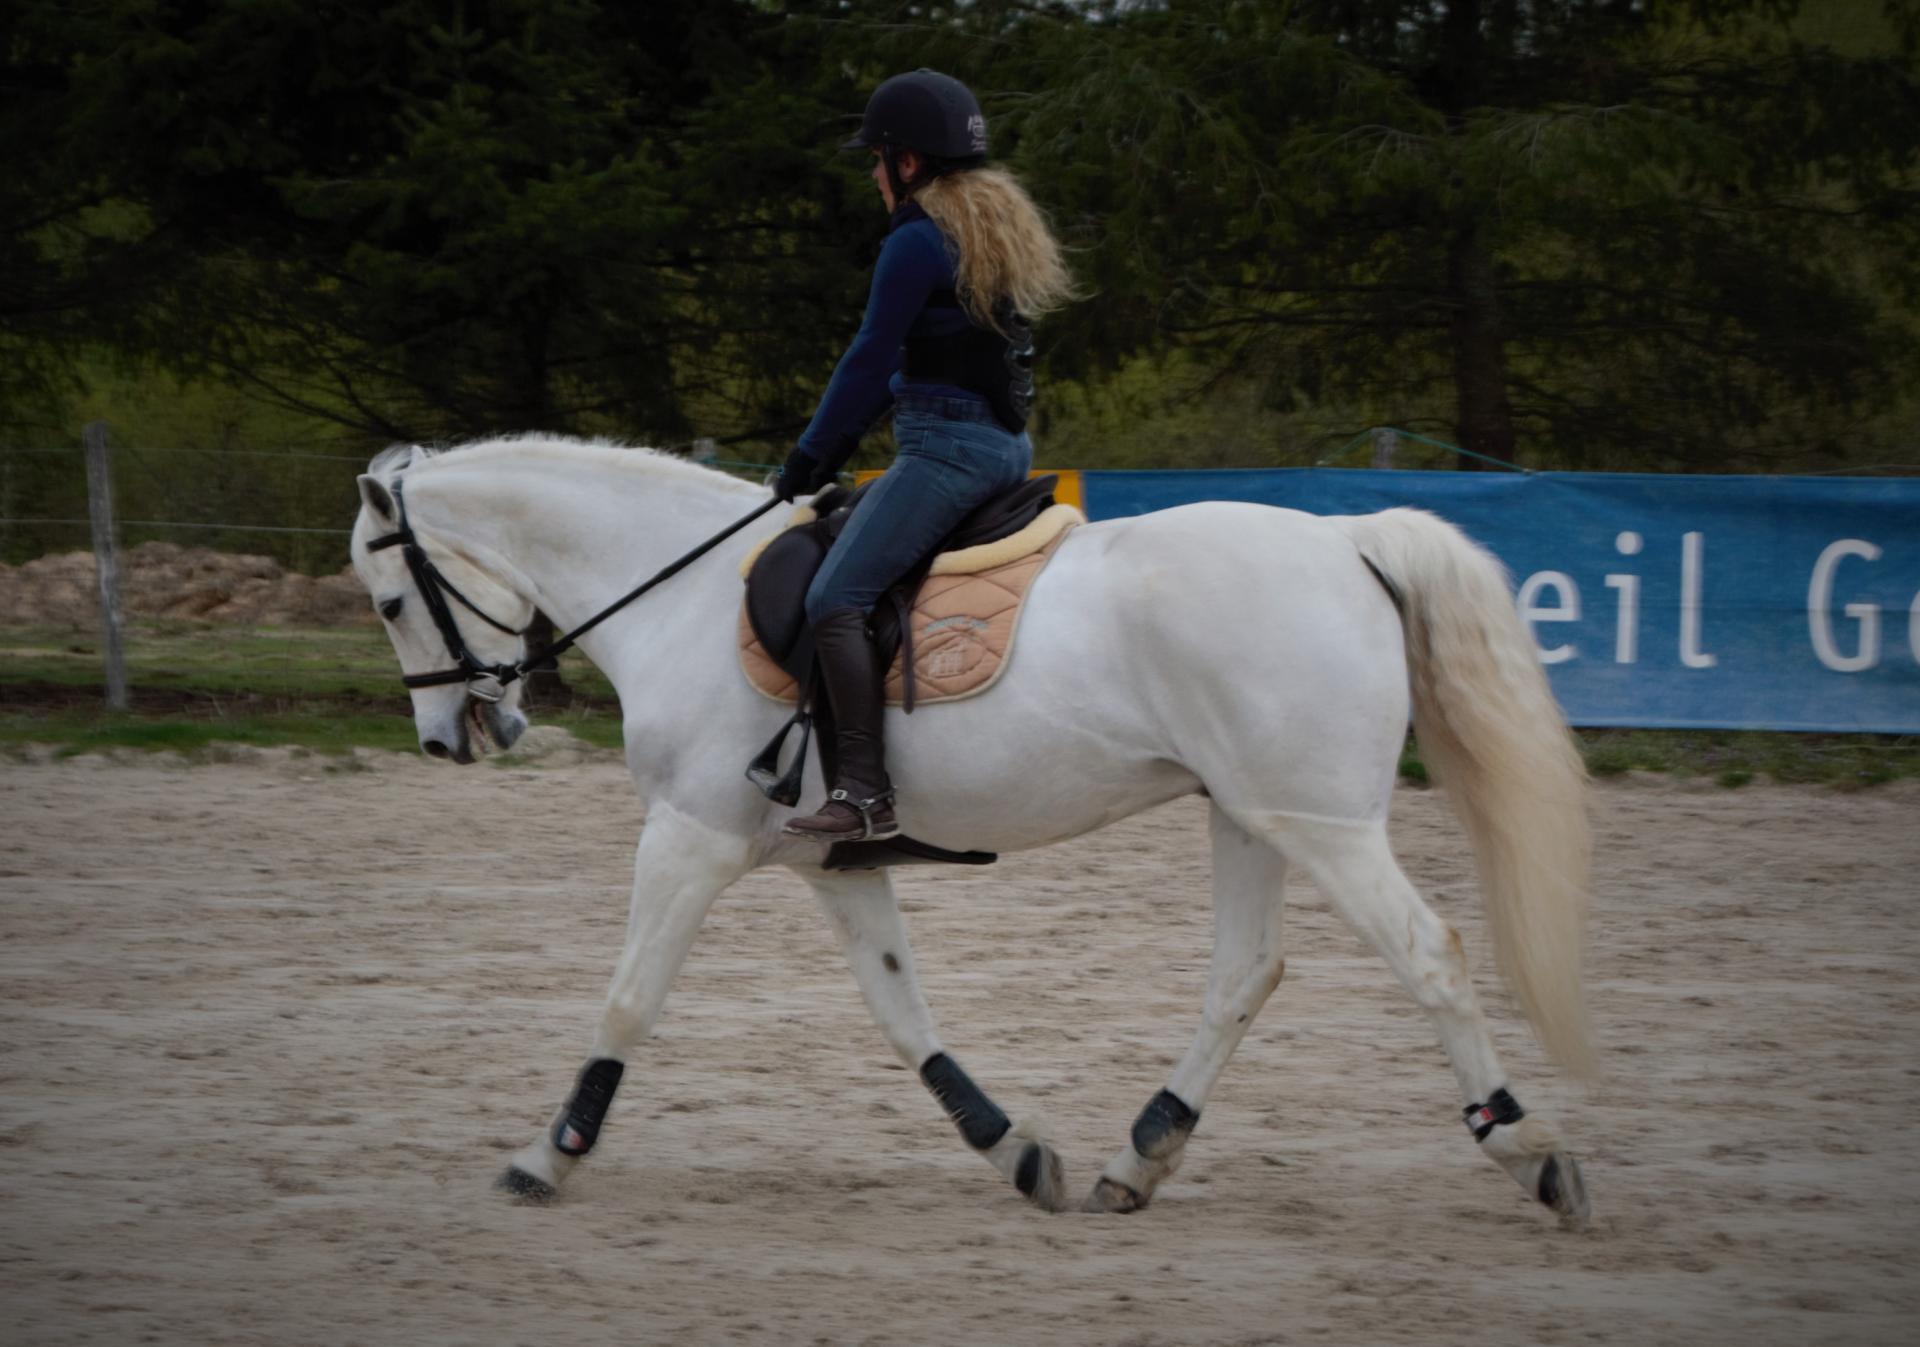 cours d'équitation en dressage à domicile